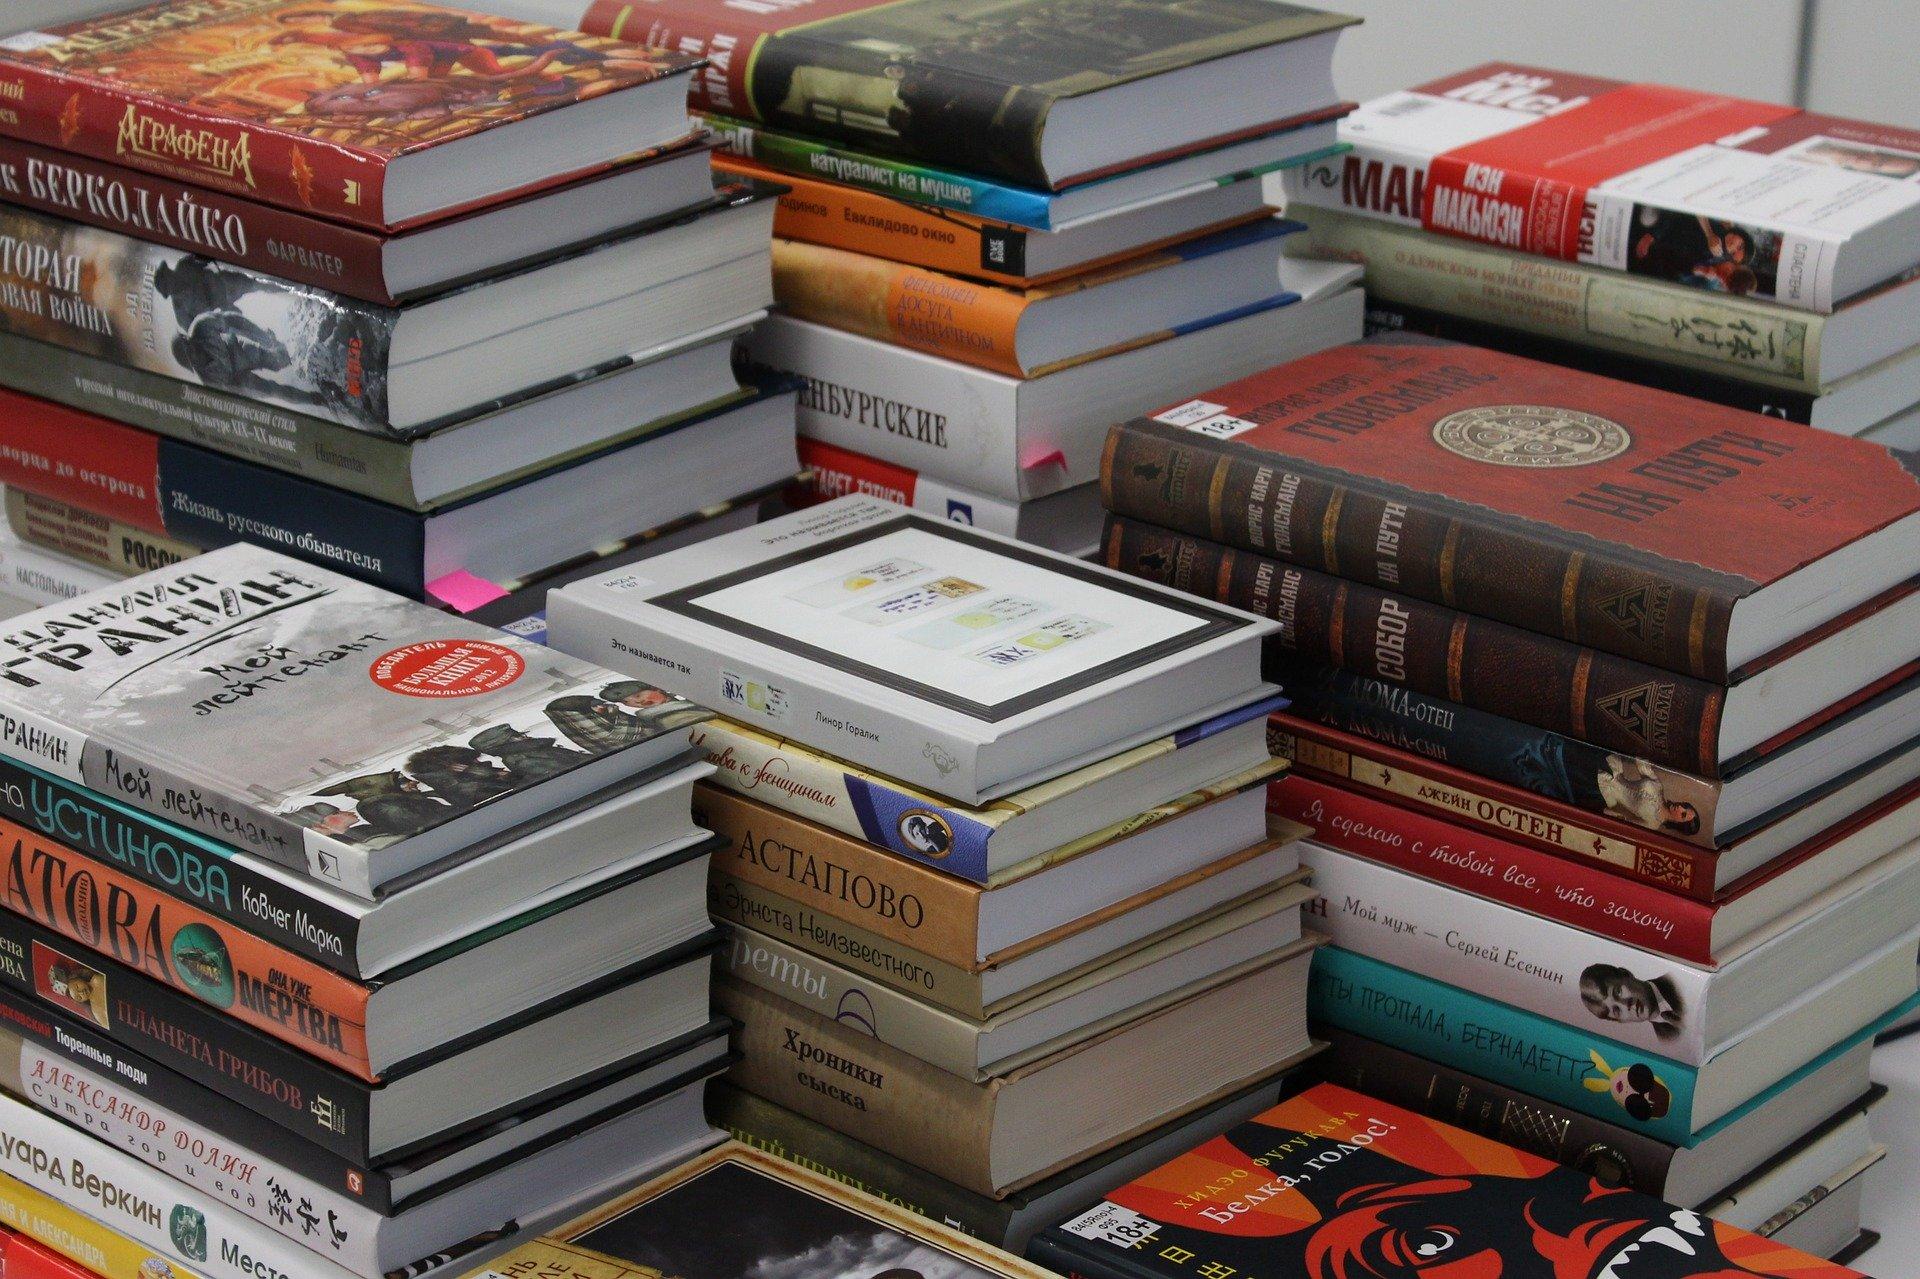 Busca consejo para saber qué libro regalar